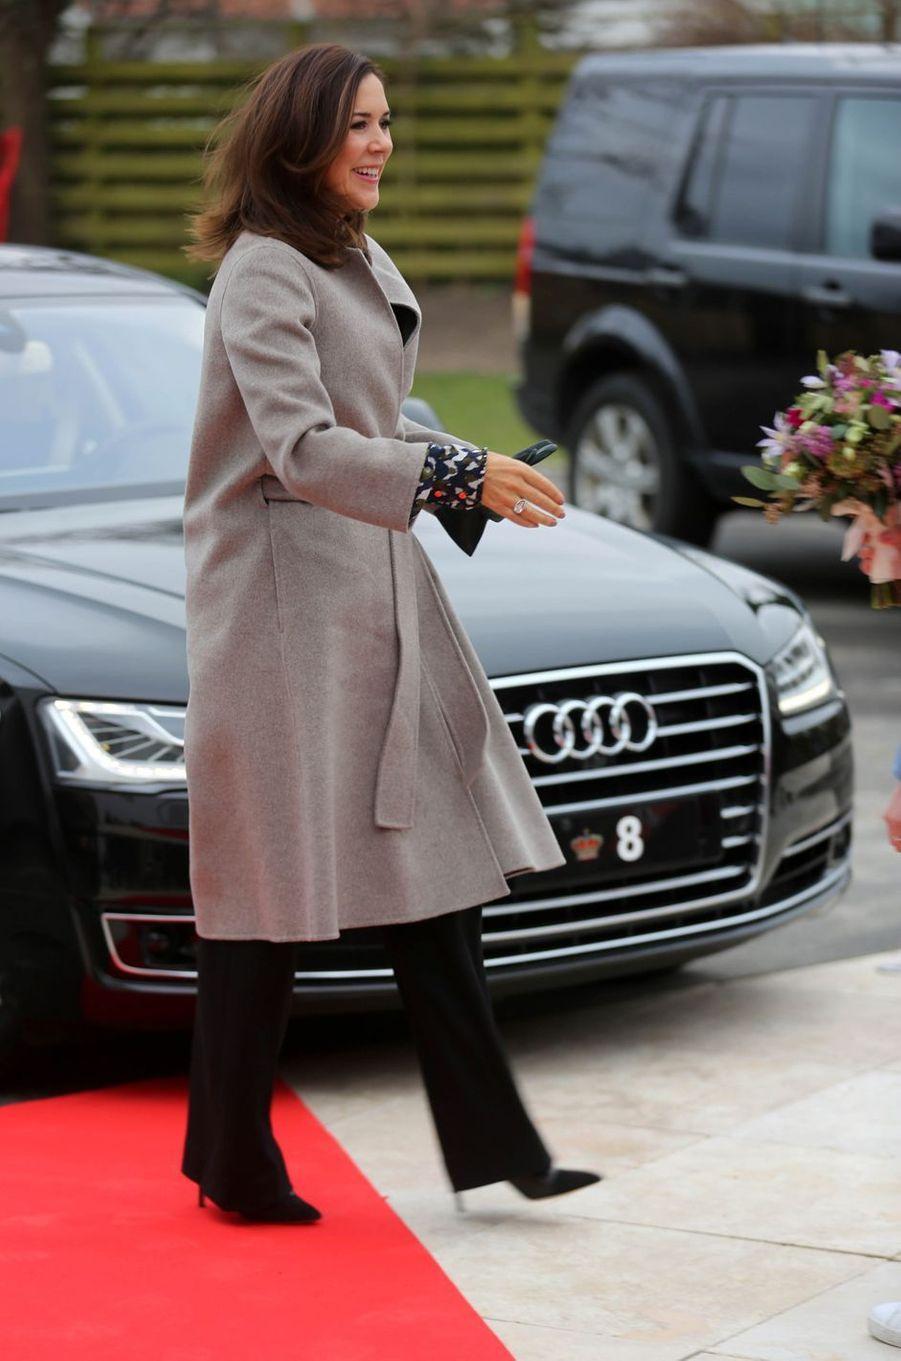 La princesse Mary de Danemark à son arrivée à Roskilde, le 12 janvier 2018